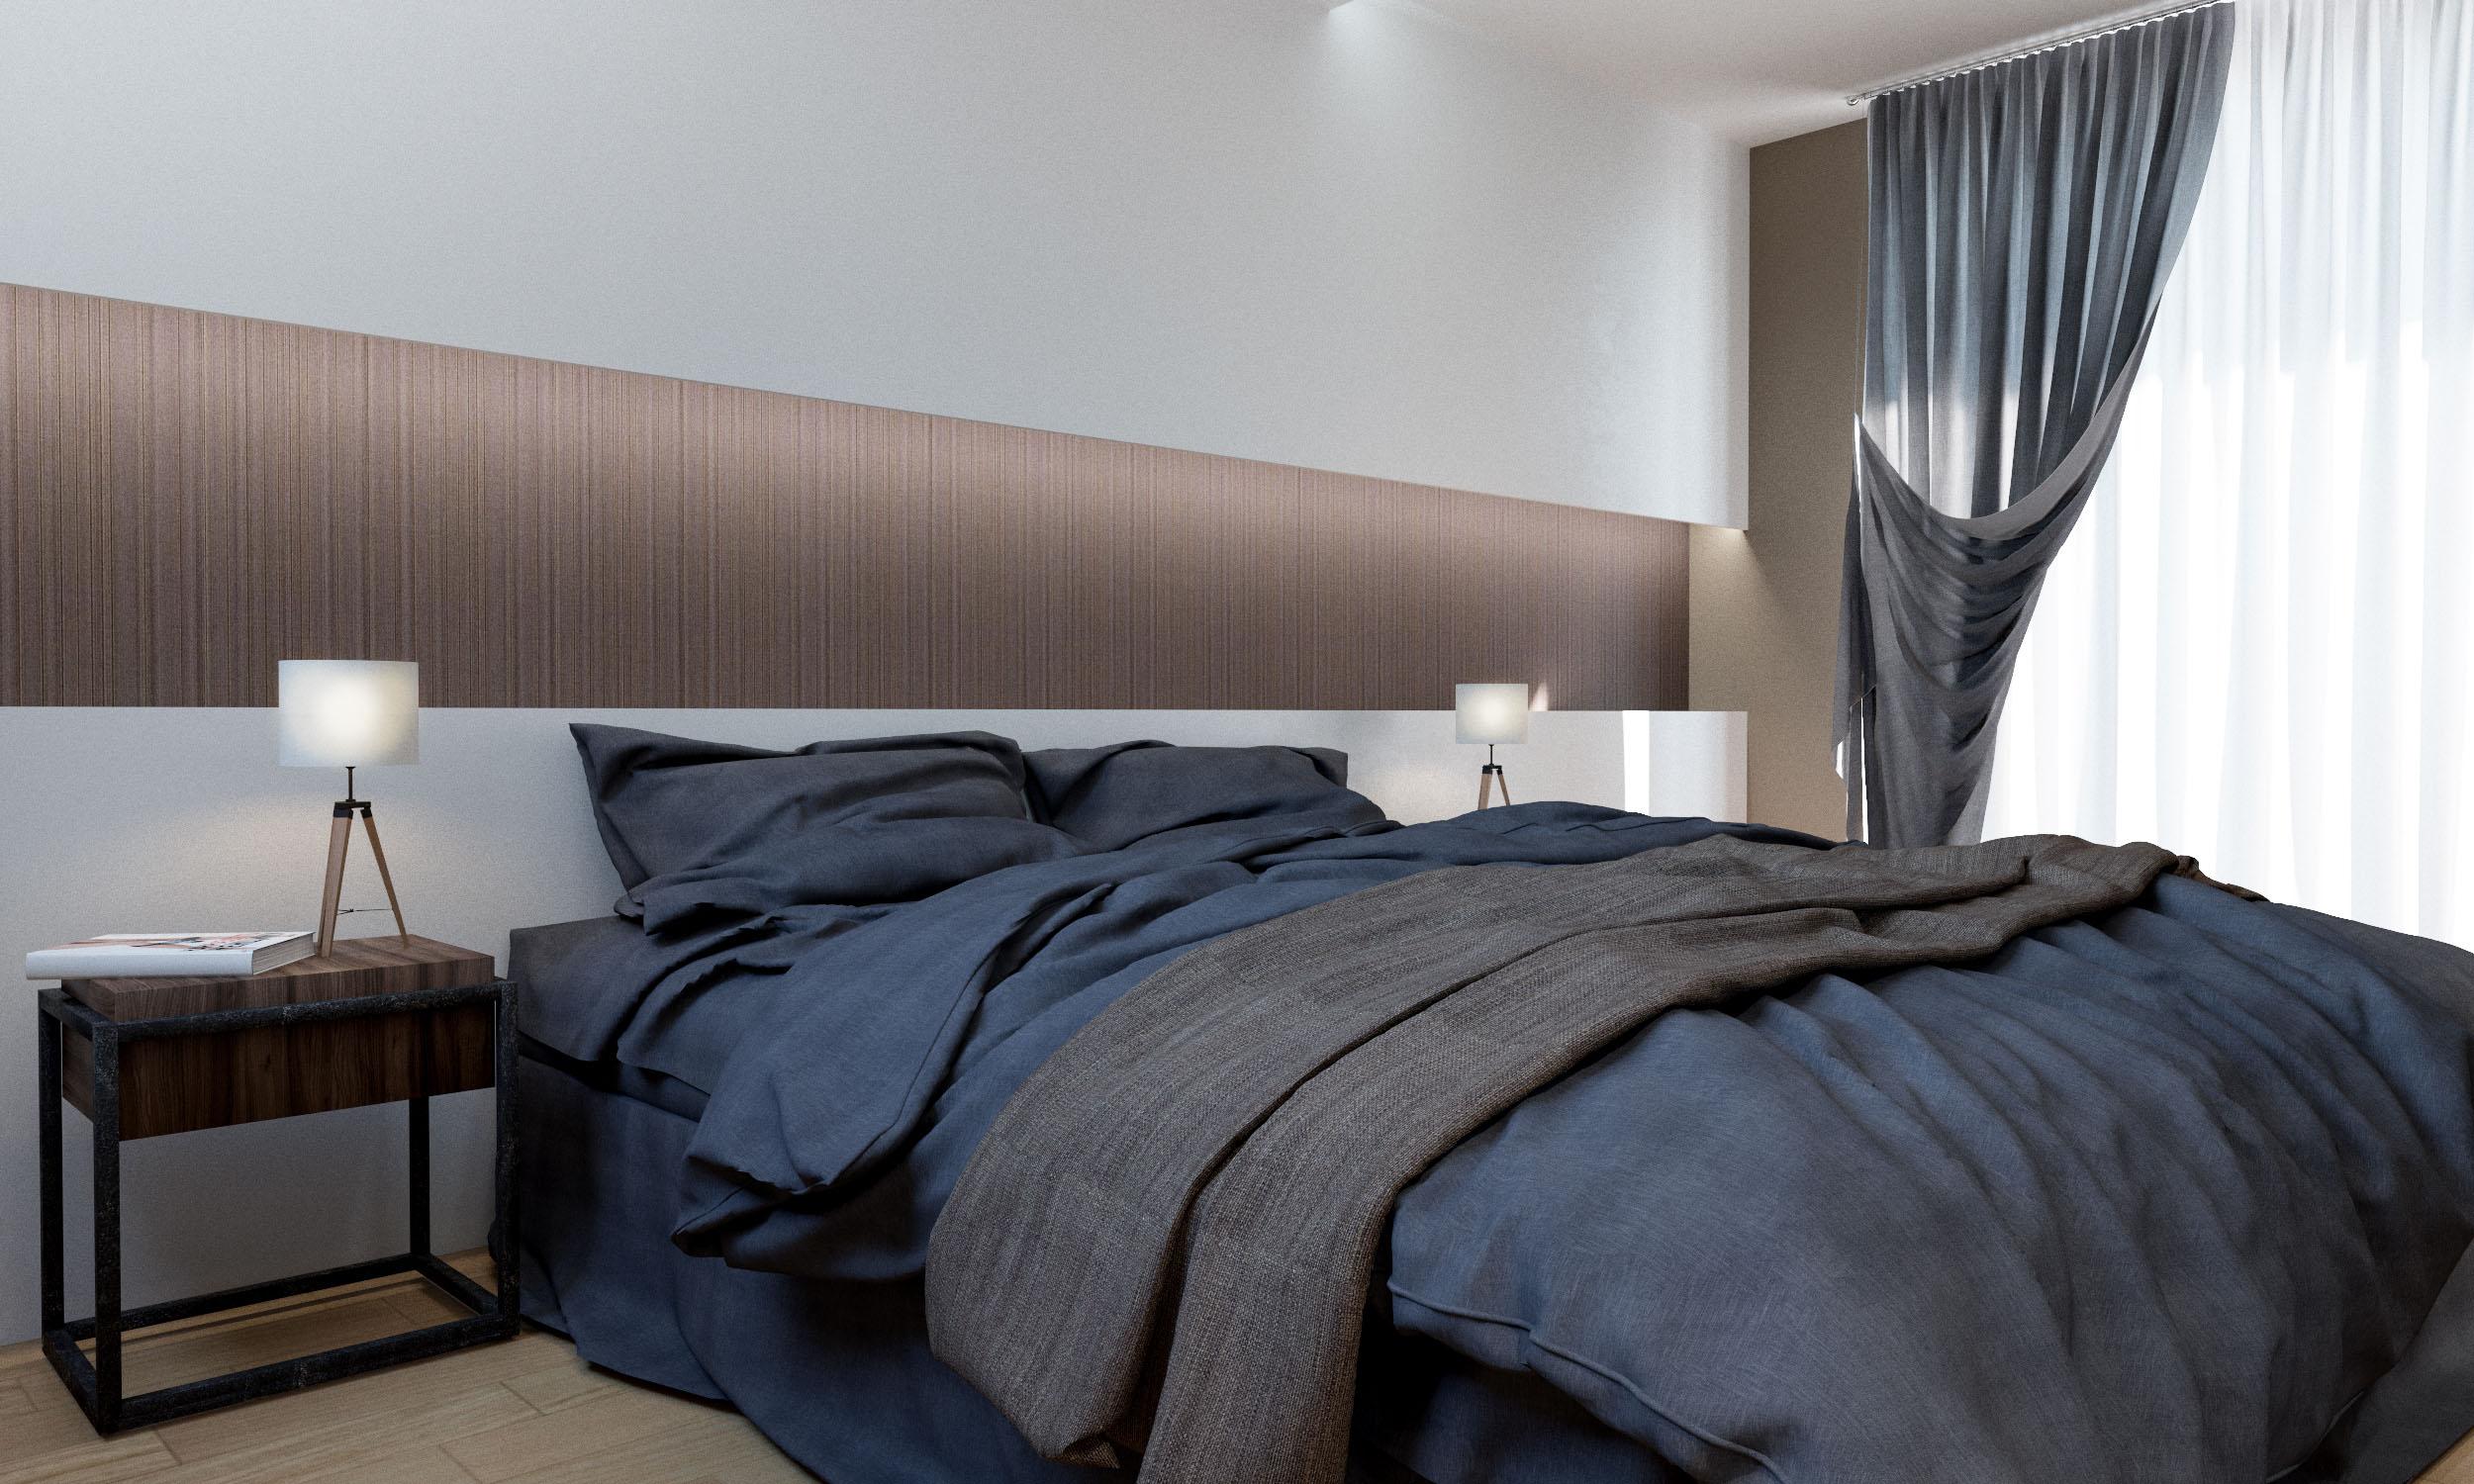 Render 3D arquitectura dúplex Donostia habitación principal 2